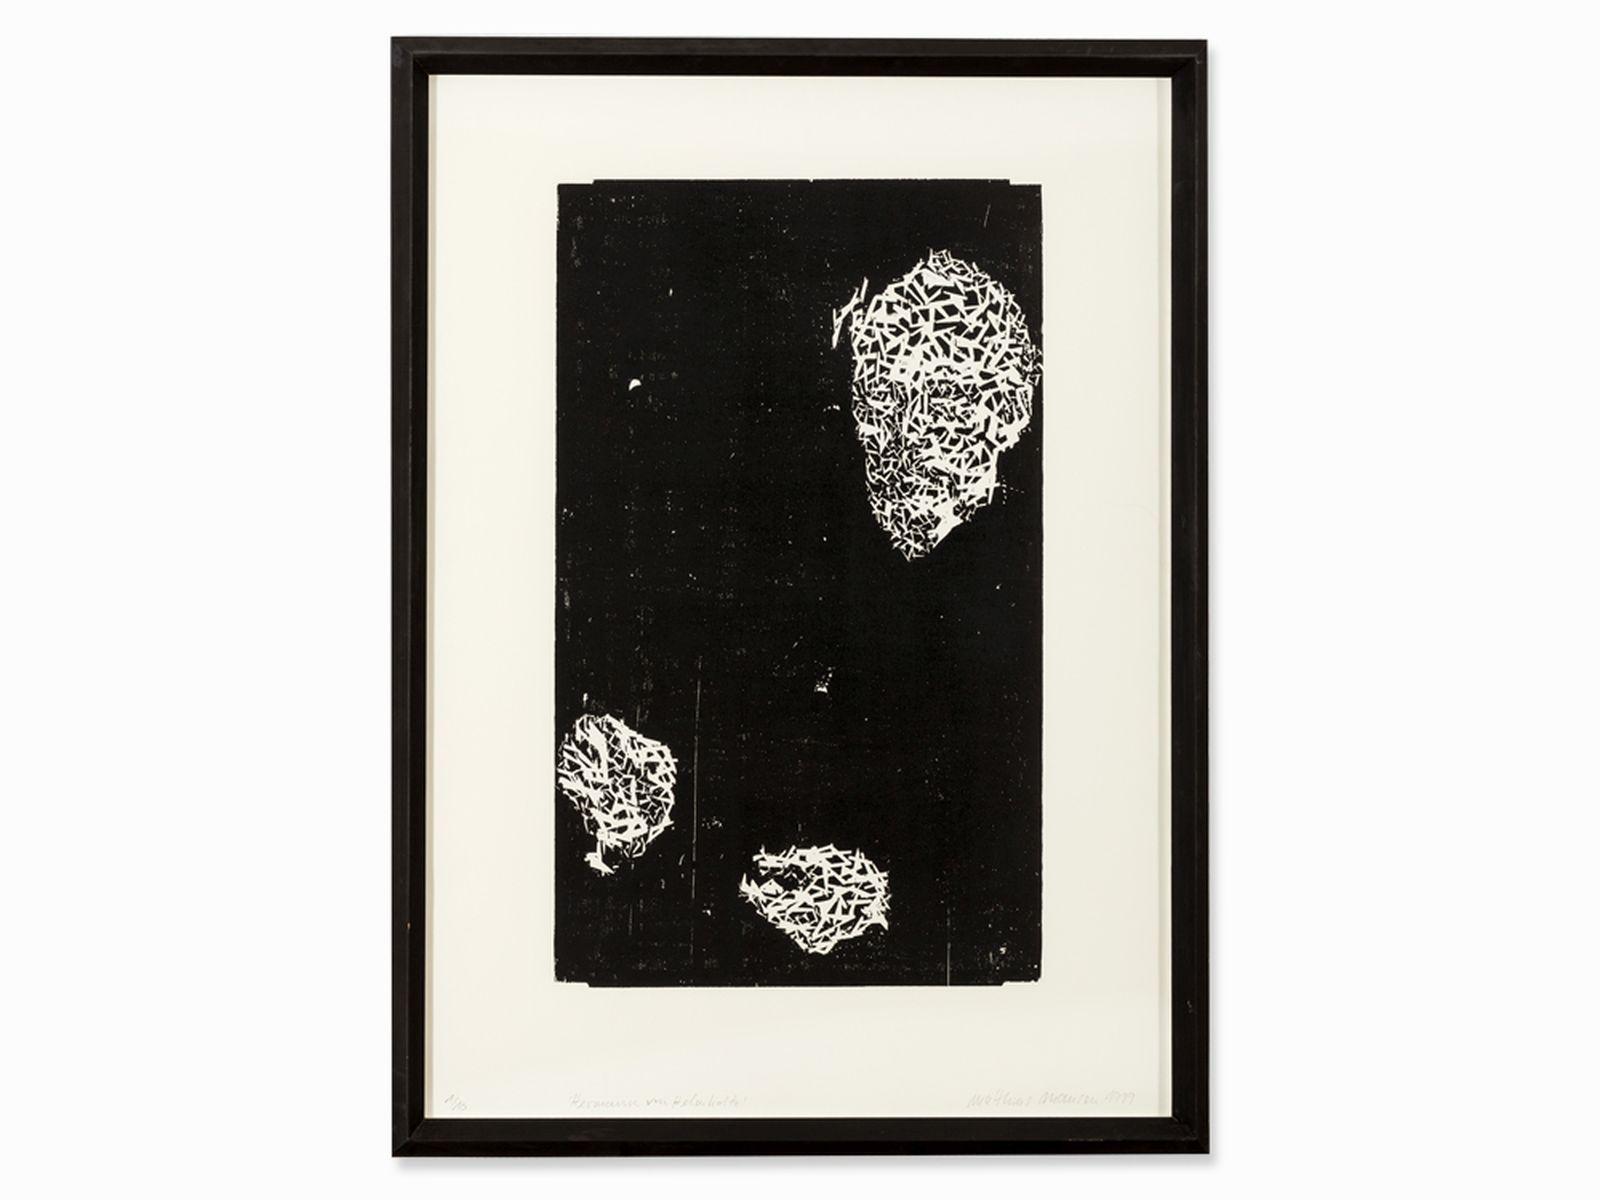 #44 Matthias Mansen, Hermann von Helmholtz, Woodcut, 1999 | Matthias Mansen Image